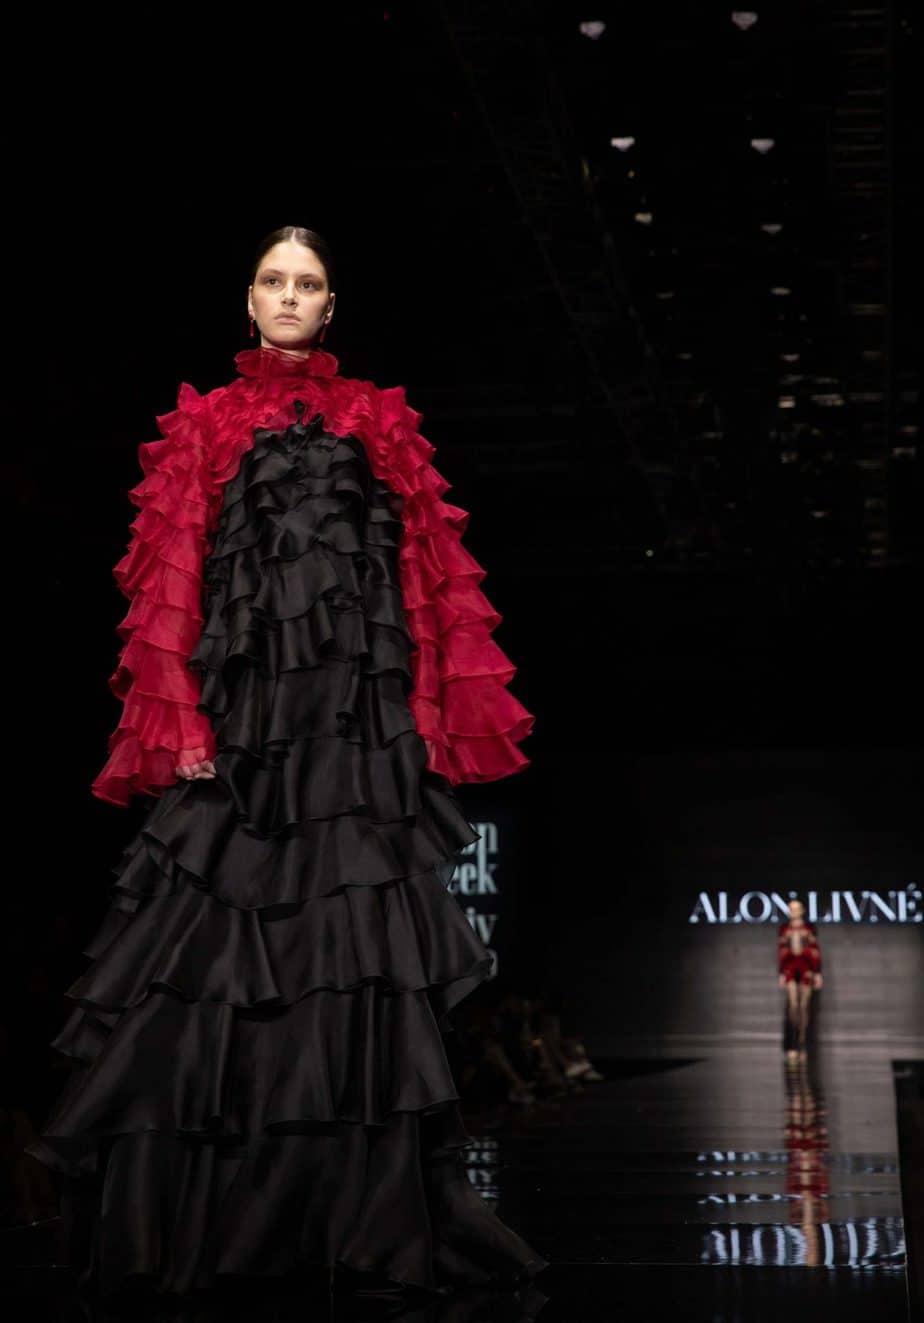 אלון ליבנה. שבוע האופנה תל אביב 2019. צילום עומר קפלן - 5